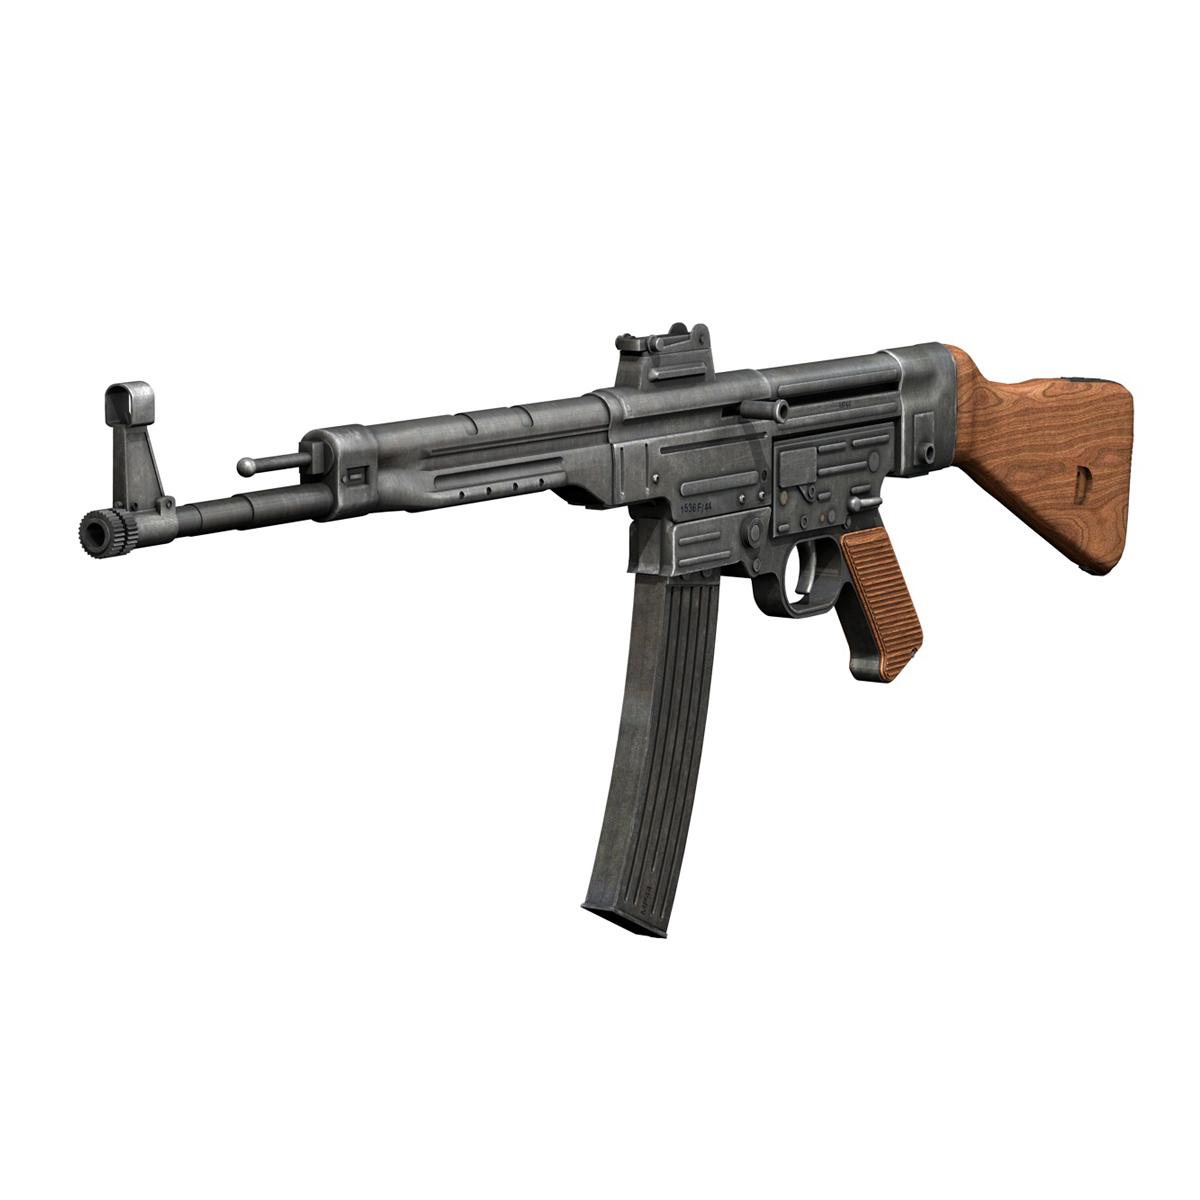 sturmgewehr 44 - mp44 - német támadás puska 3d modell 3ds fbx c4d lwo obj 195174